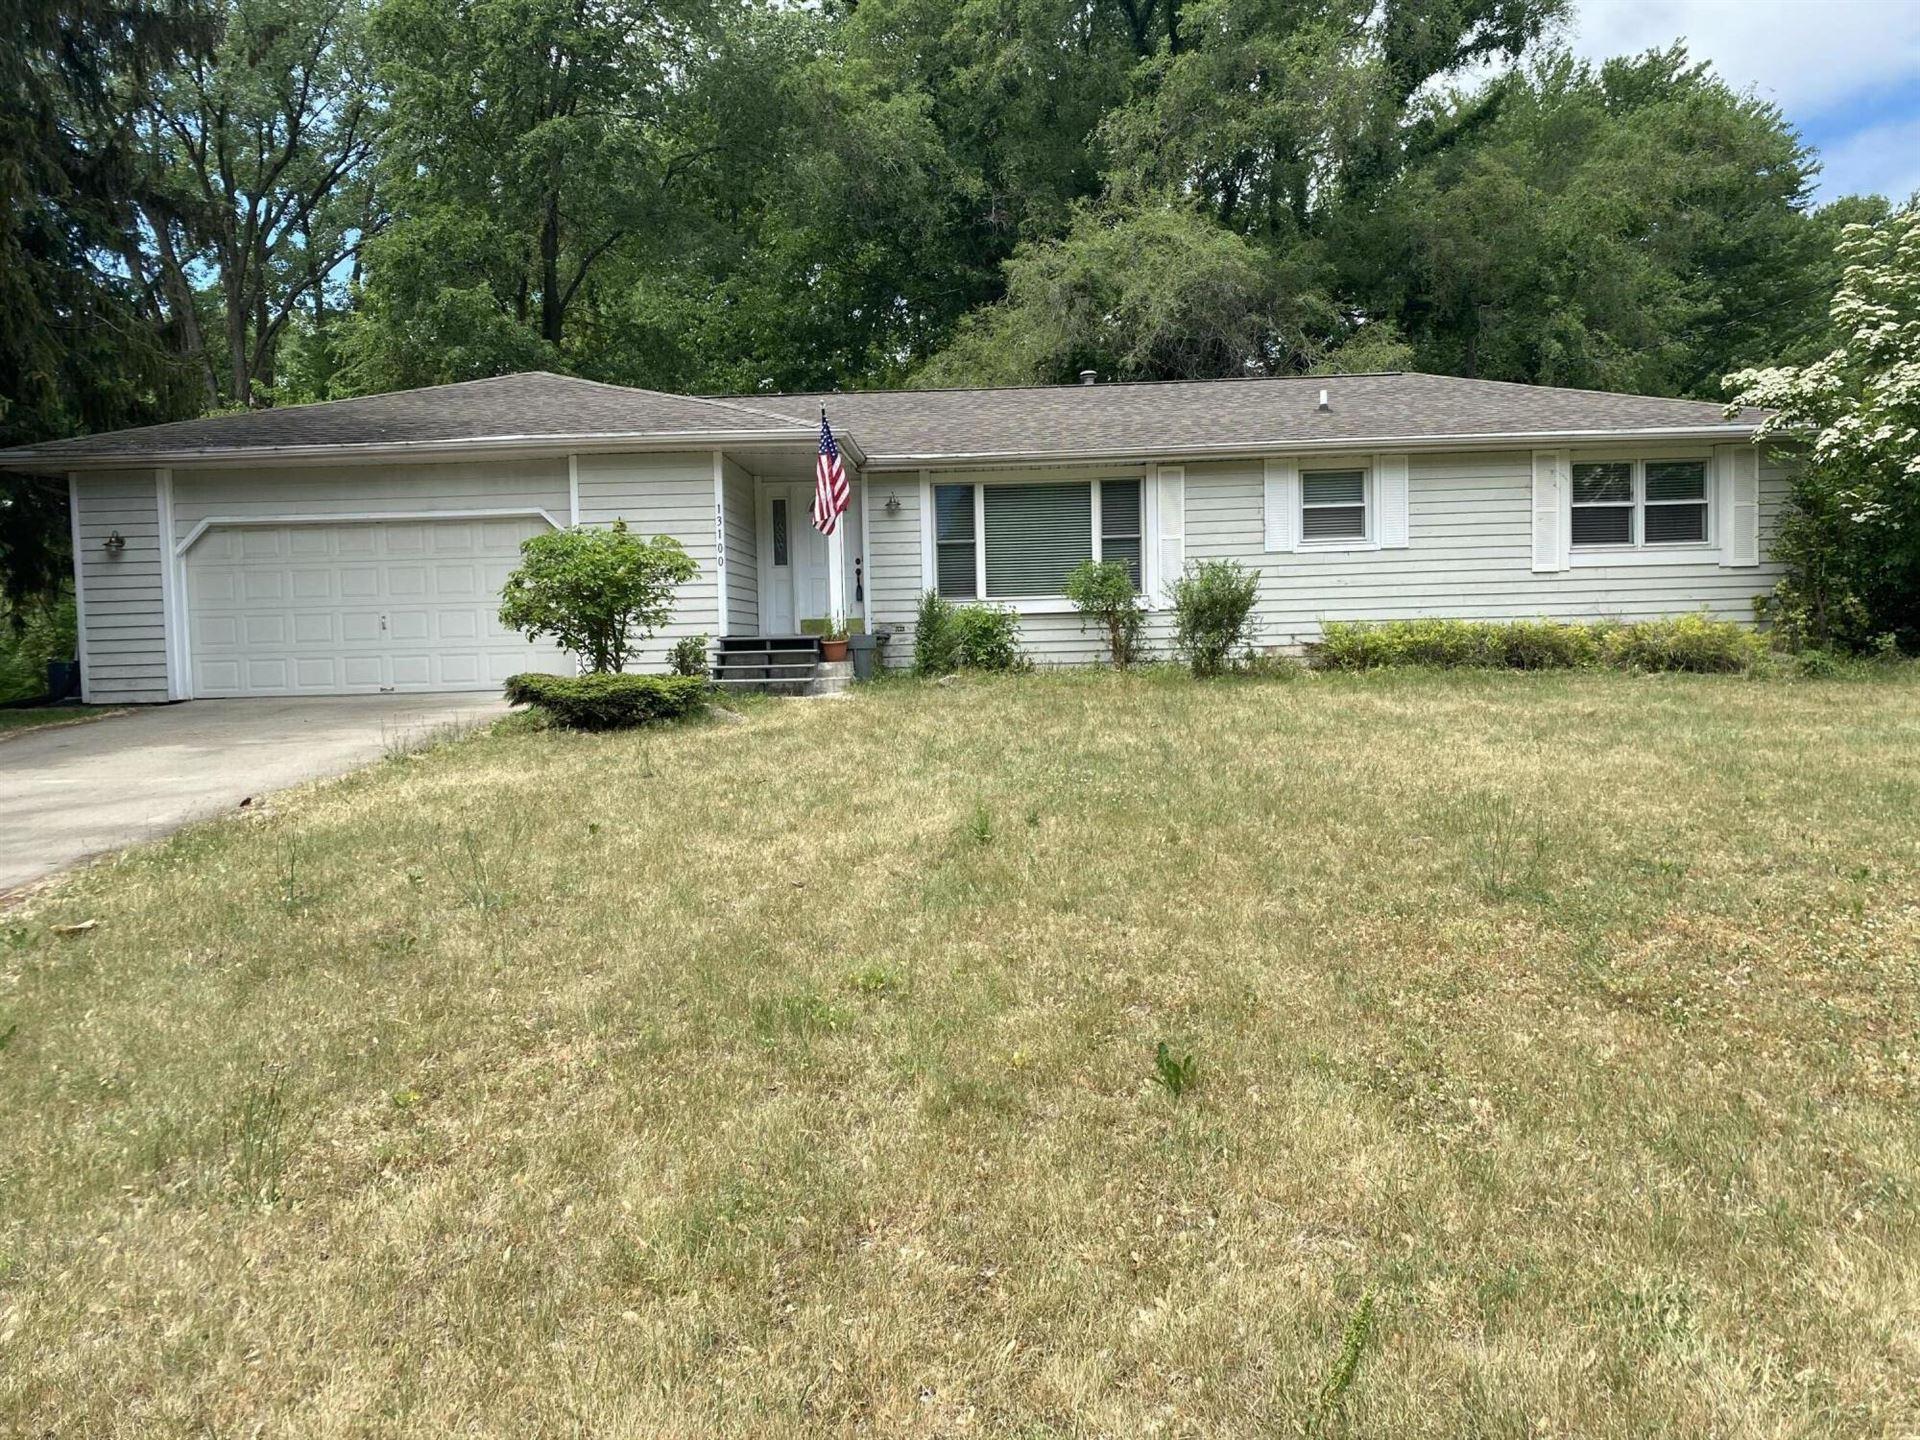 13100 Three Oaks Road, Sawyer, MI 49125 - MLS#: 21019372